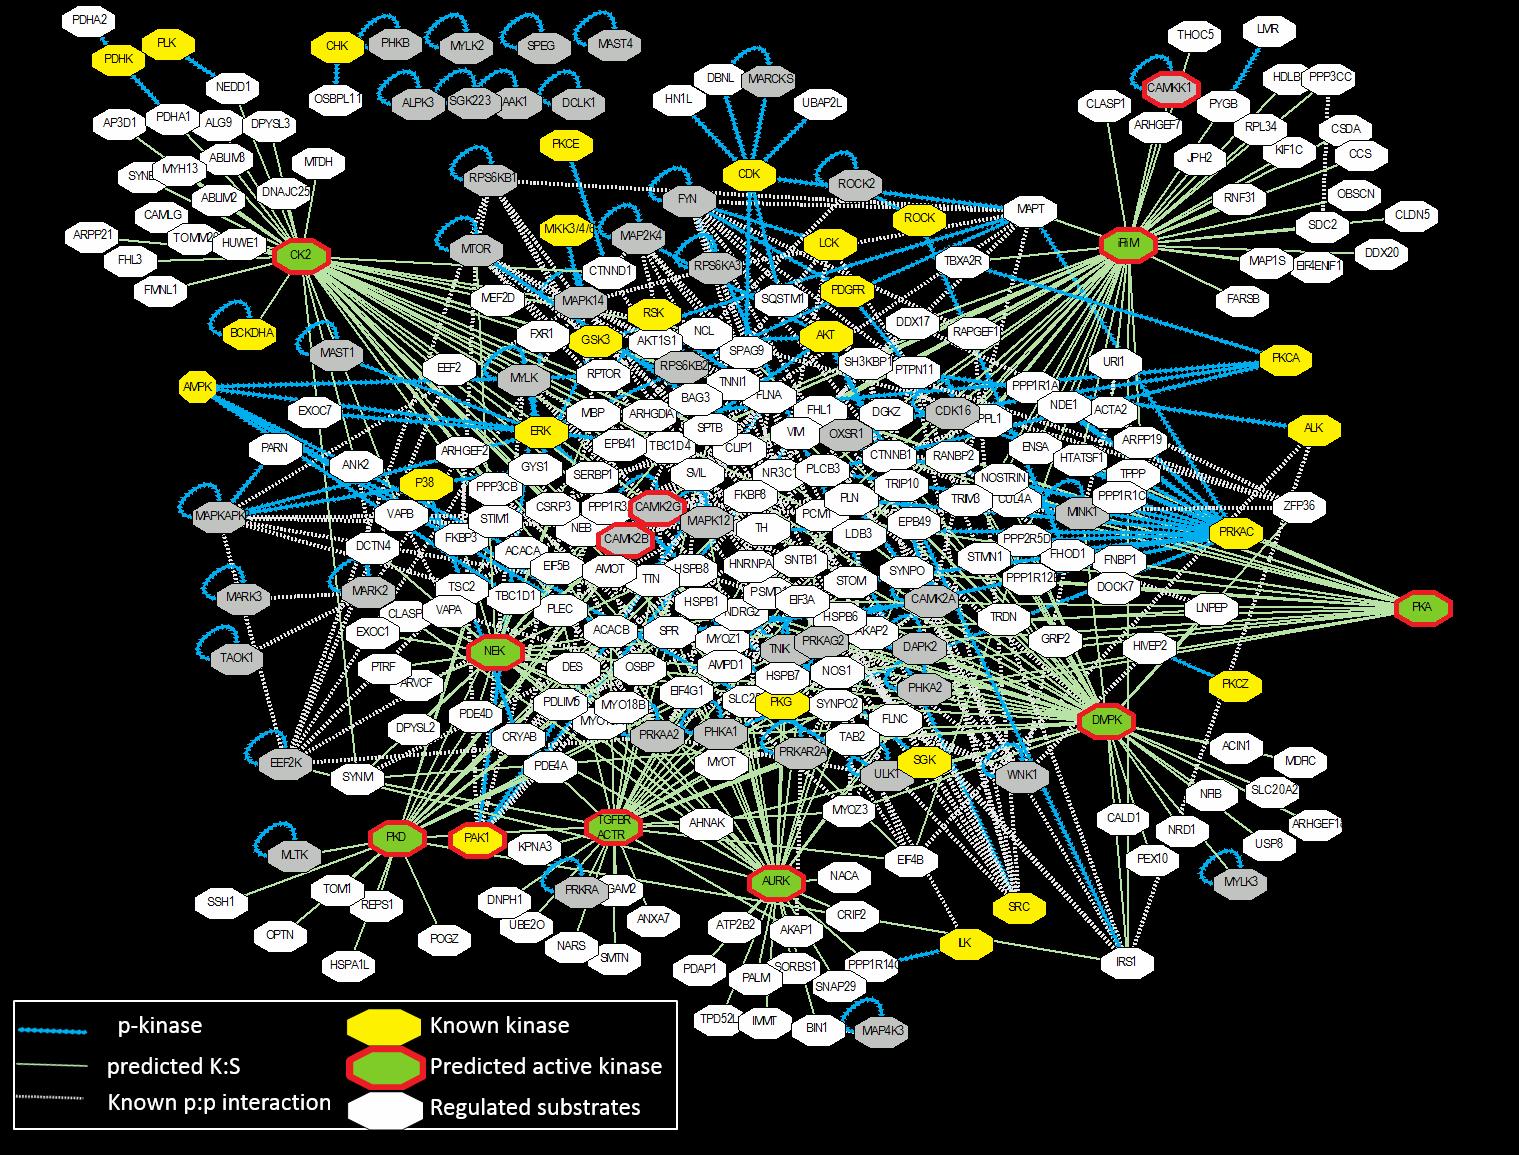 Fig_Molecular_Networks_2.png